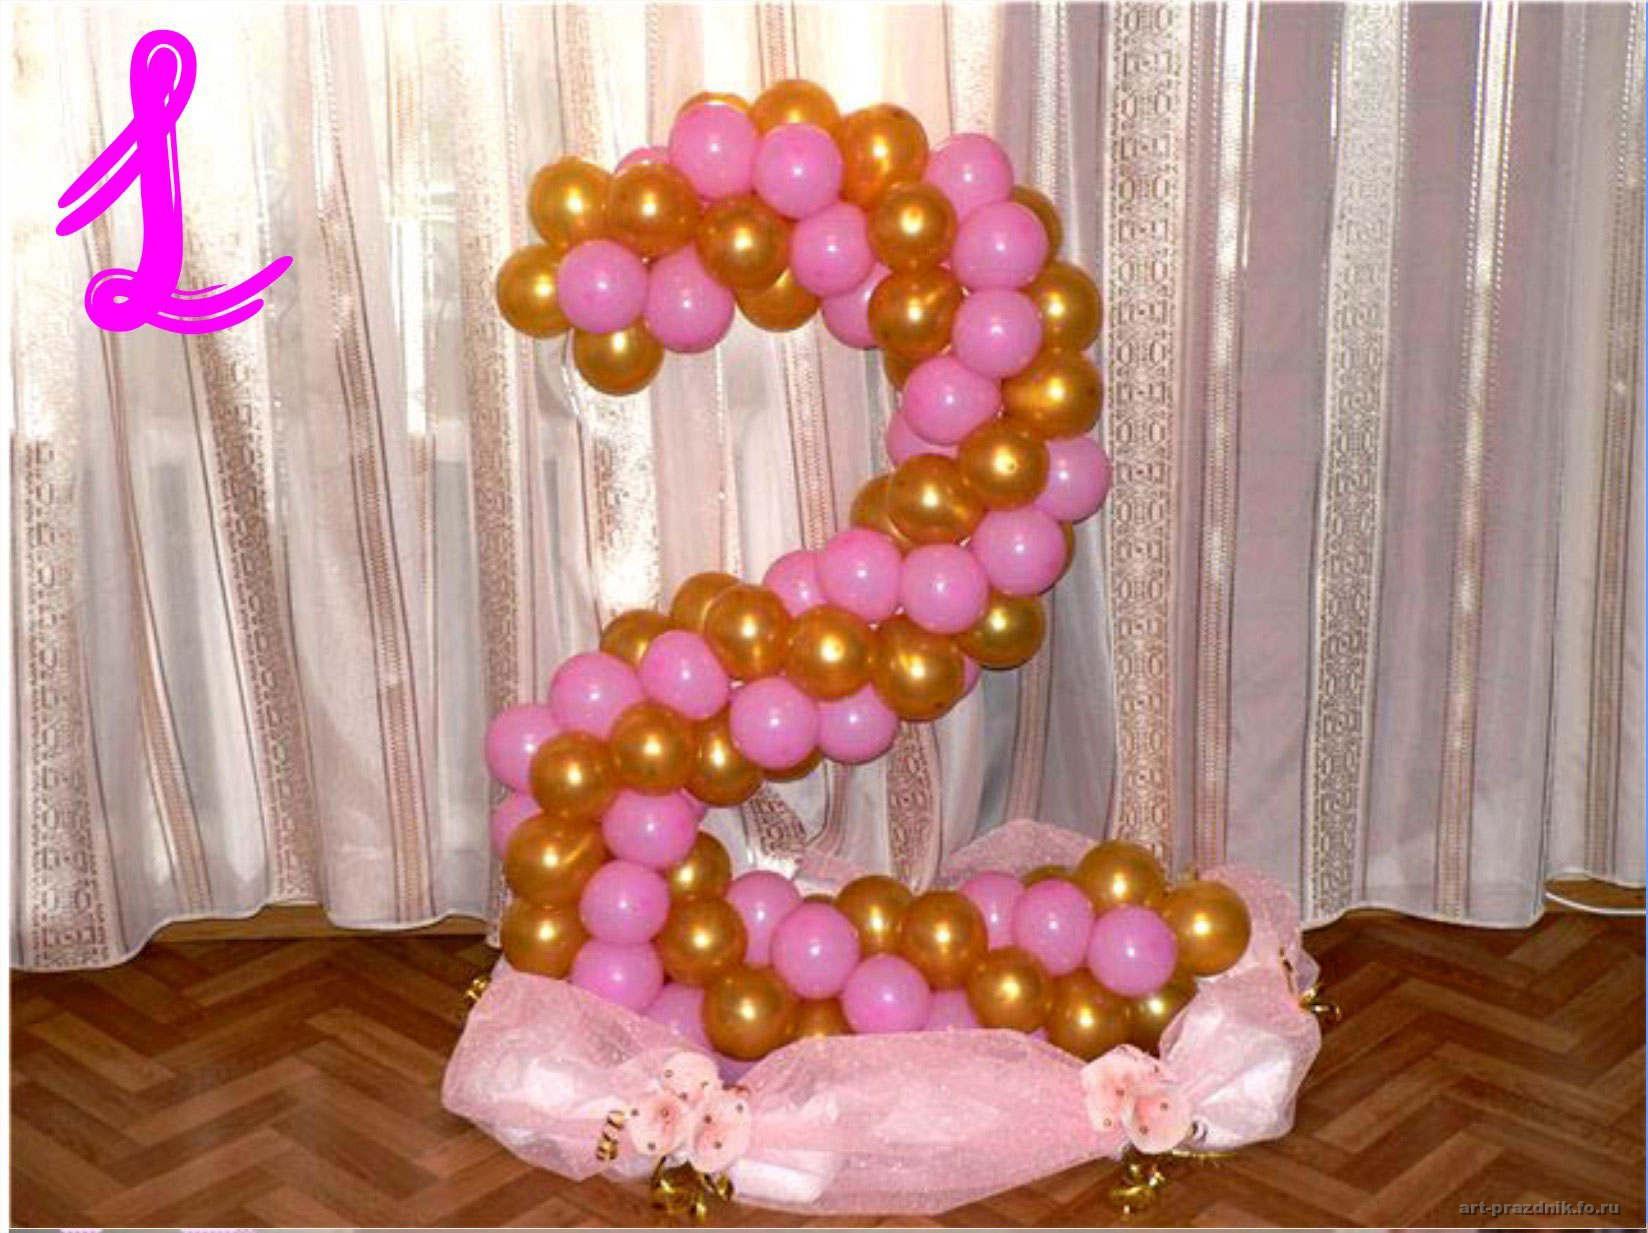 Украшения на день рождения из шариков своими руками